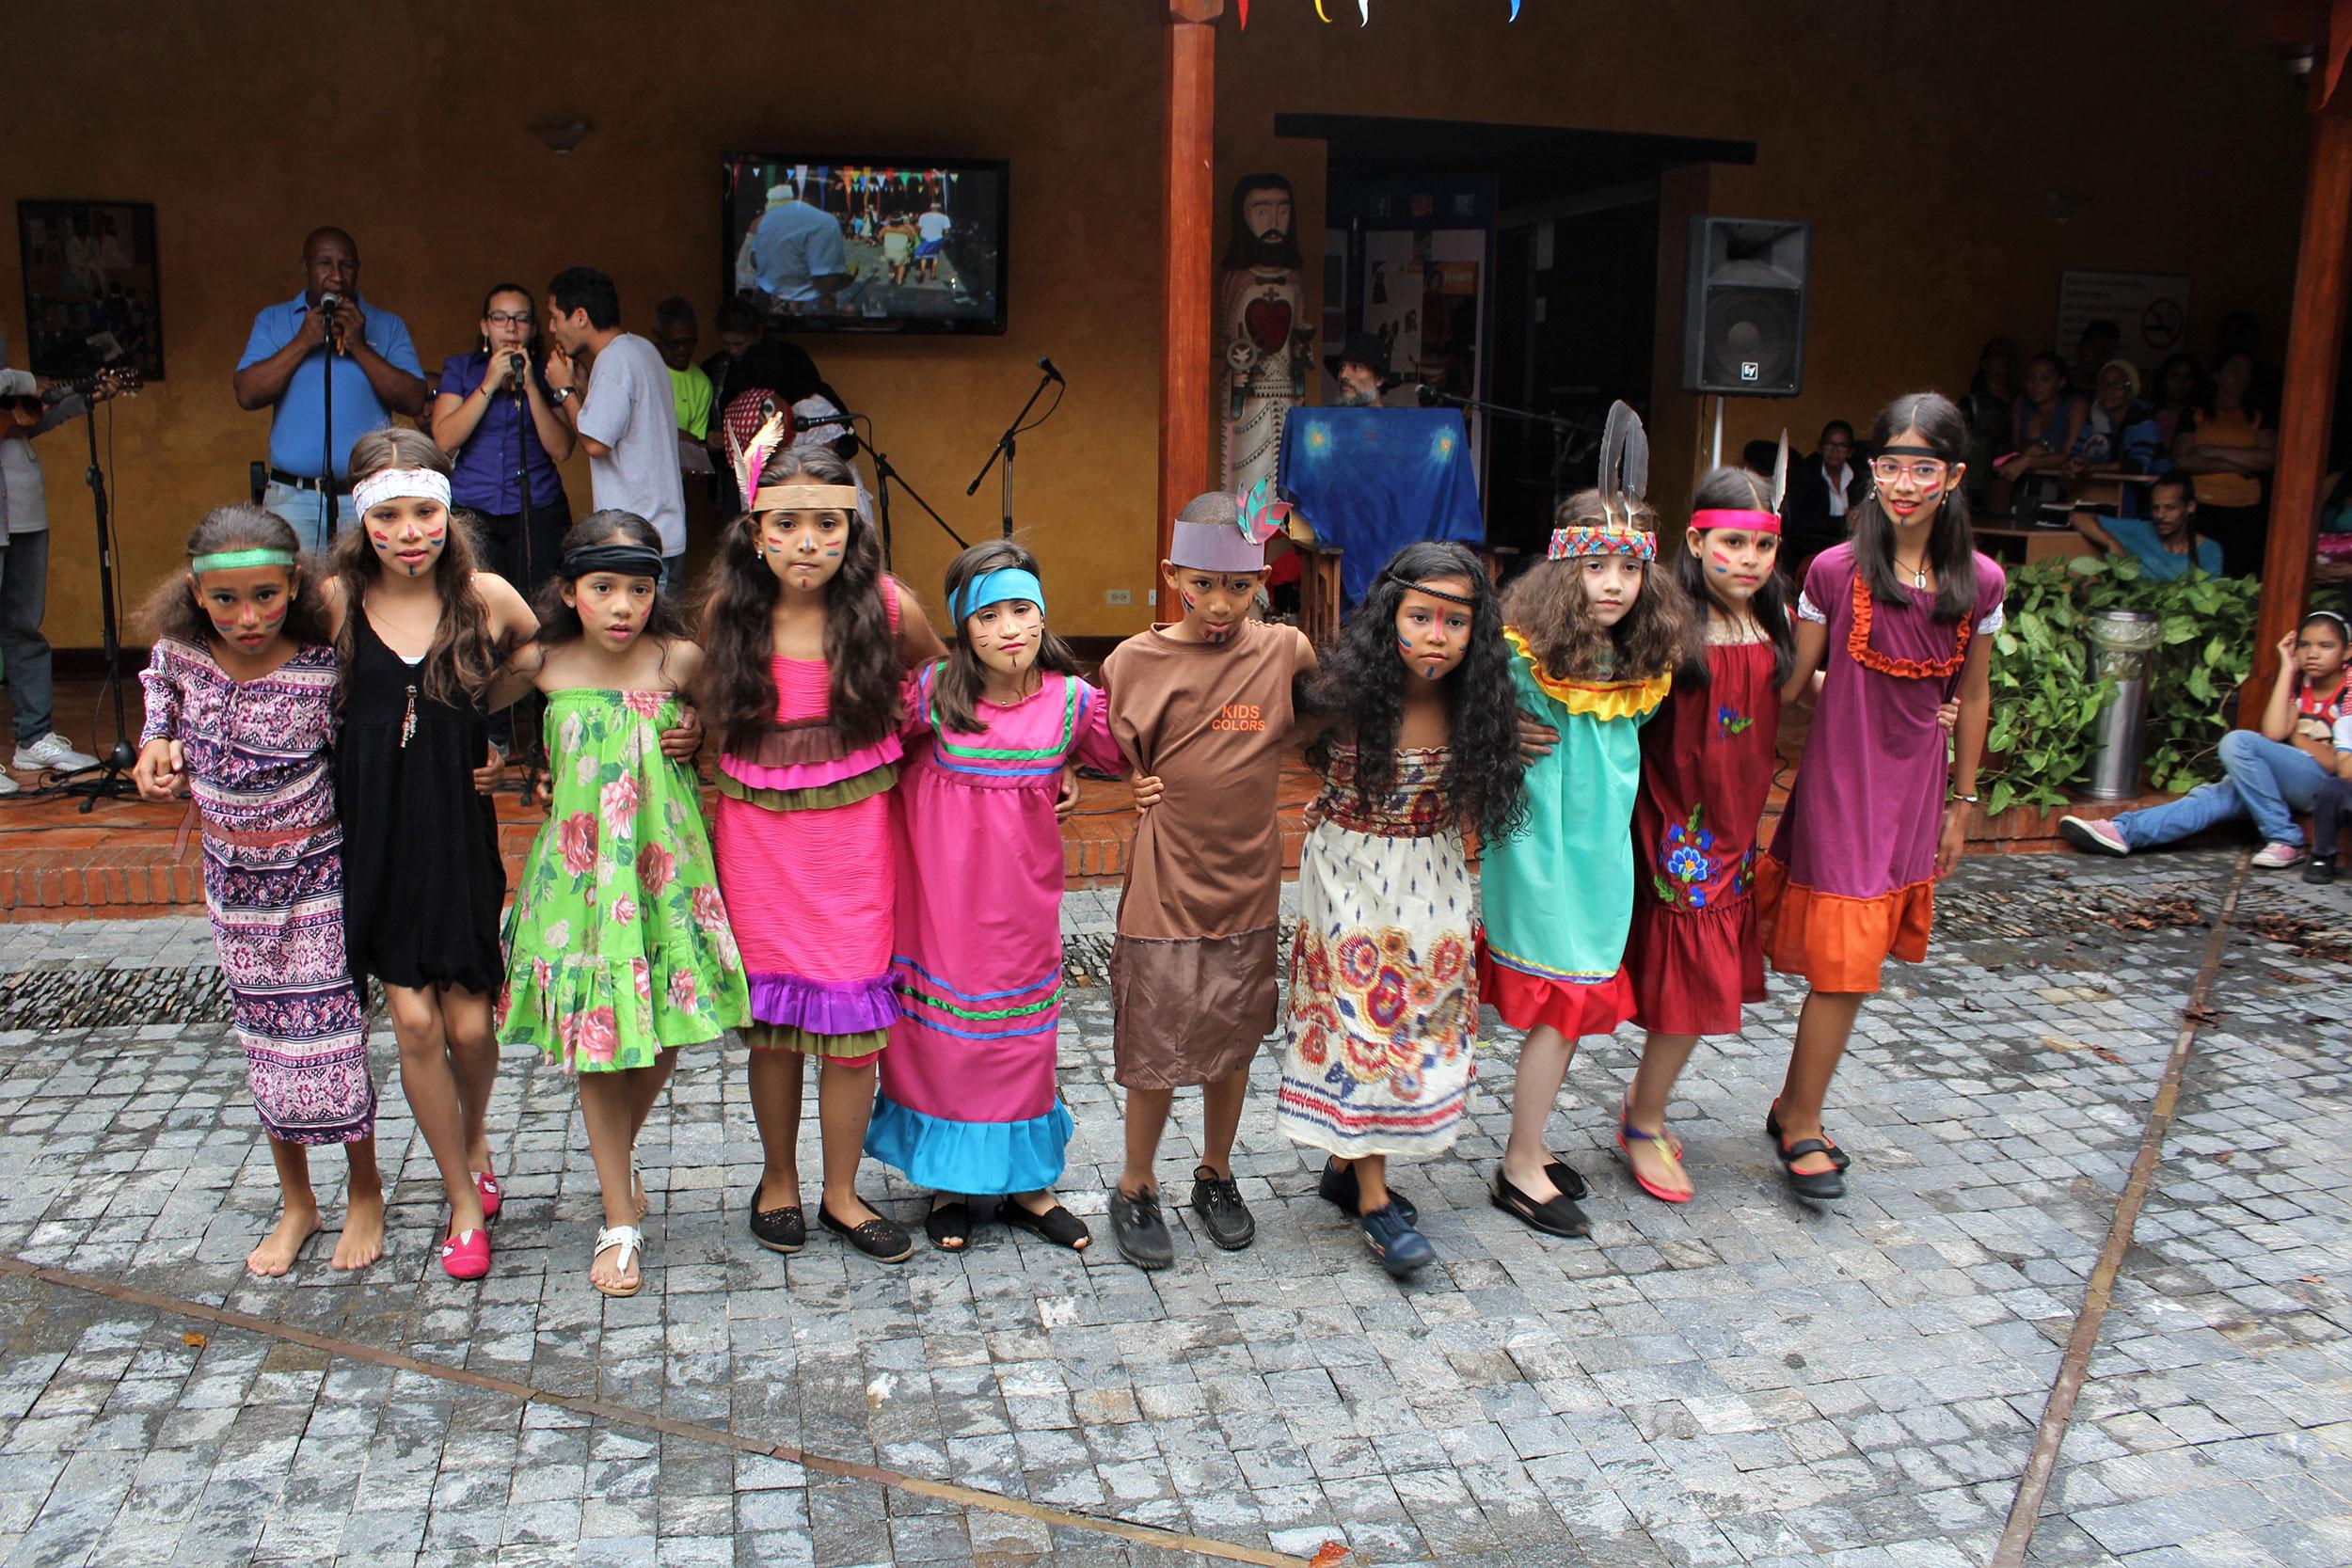 Desinterés de los niños por la danza